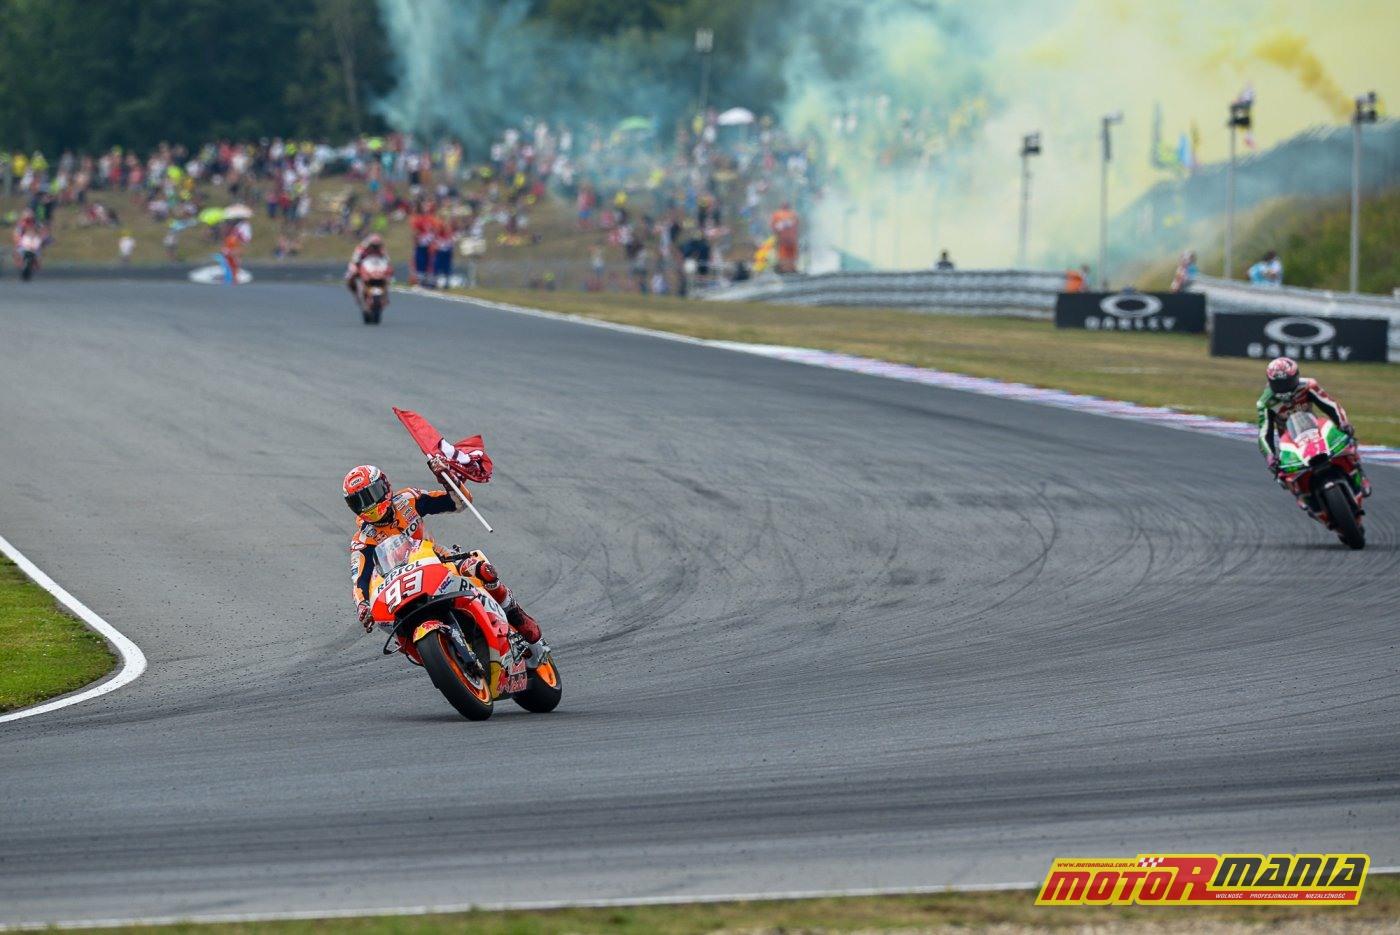 Wyścig MotoGP Brno 2018 - fot Waldek Walerczuk (73)